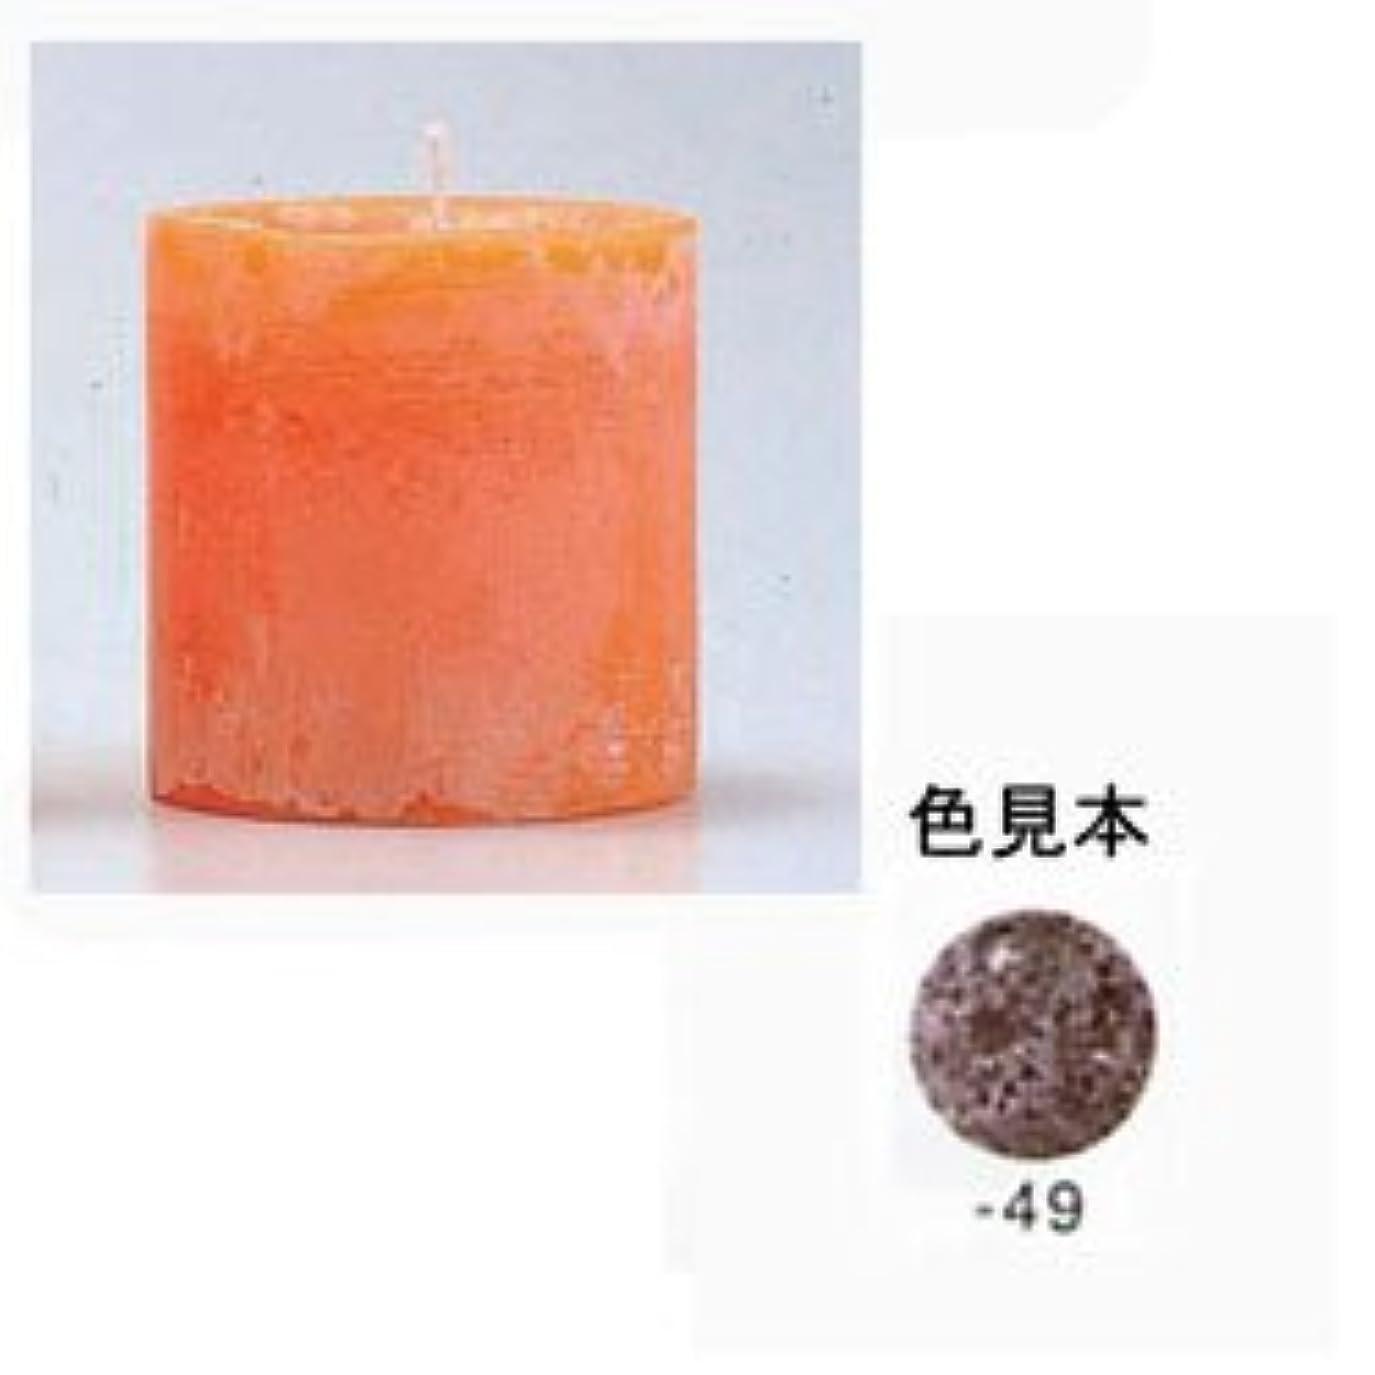 ログ老朽化した死傷者ナチュレ 2?3/4×3 ローアンバー